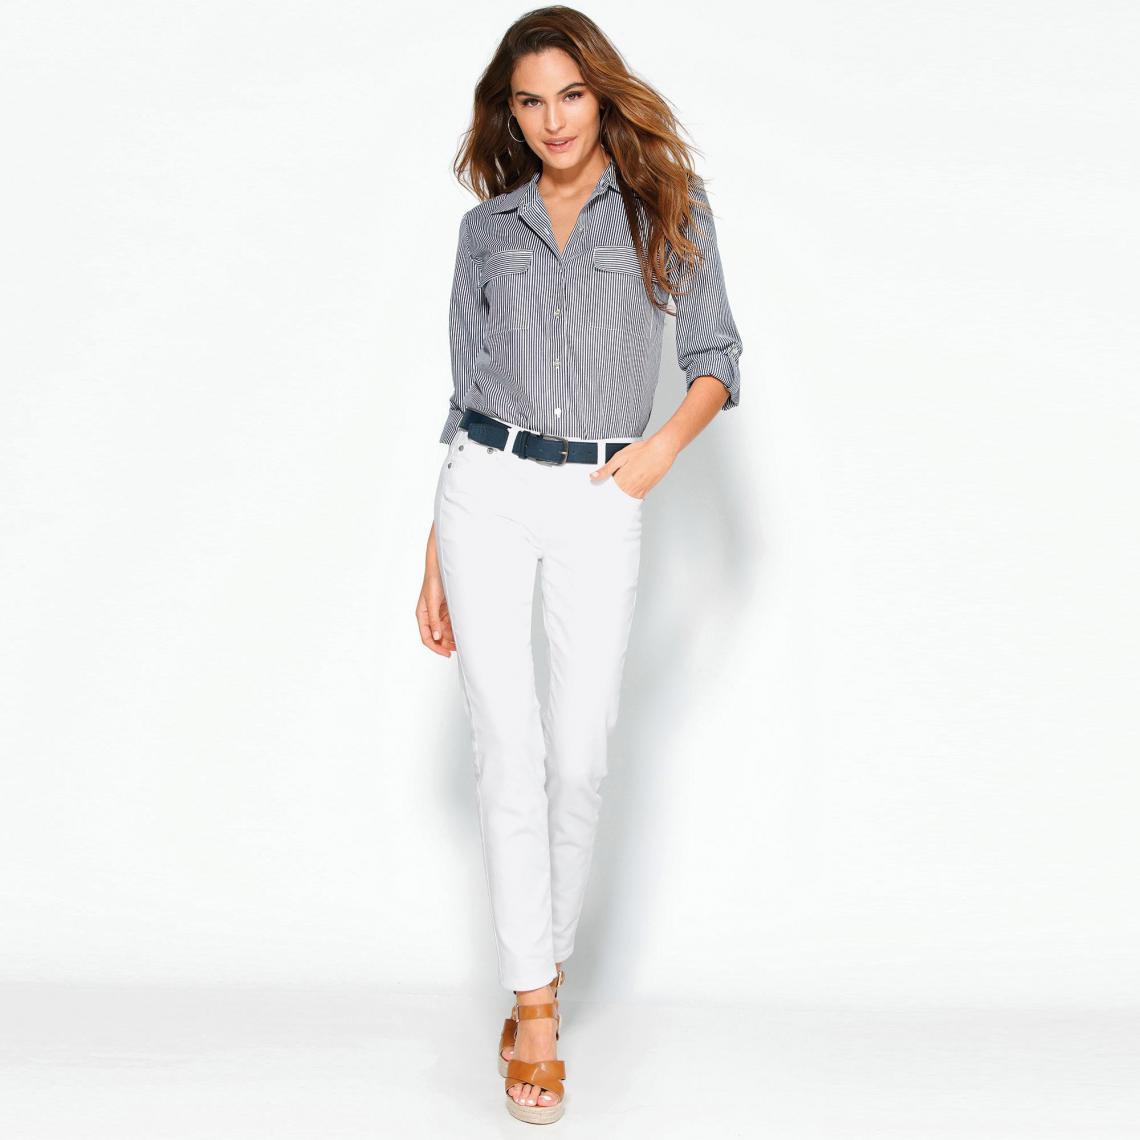 pantalon femme blanc